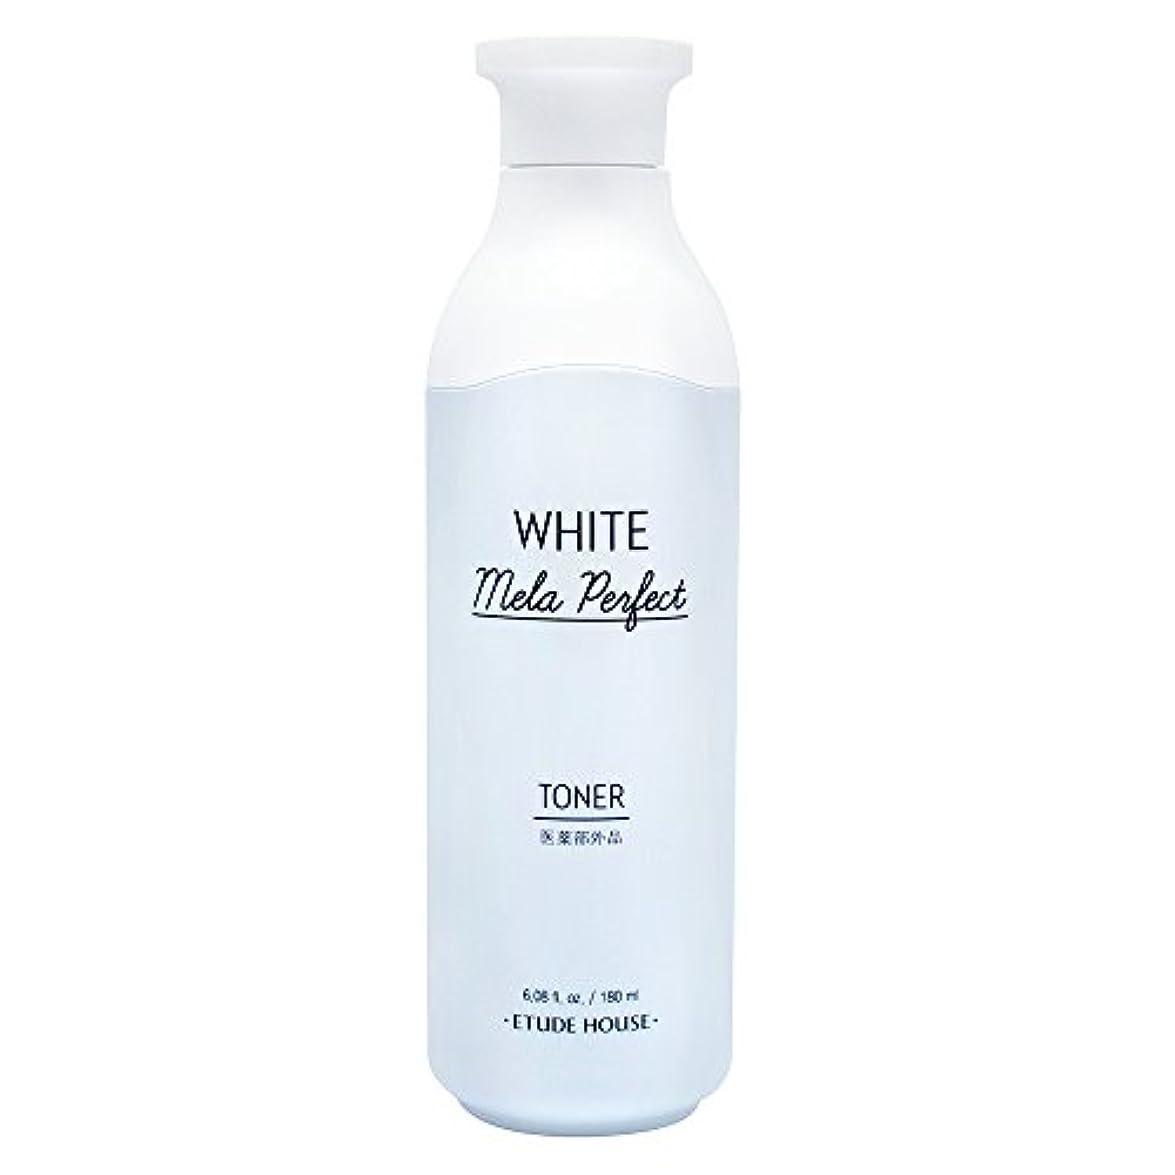 エピソード委員長改修エチュードハウス(ETUDE HOUSE) ホワイトメラパーフェクト トナー[化粧水、美白化粧水]